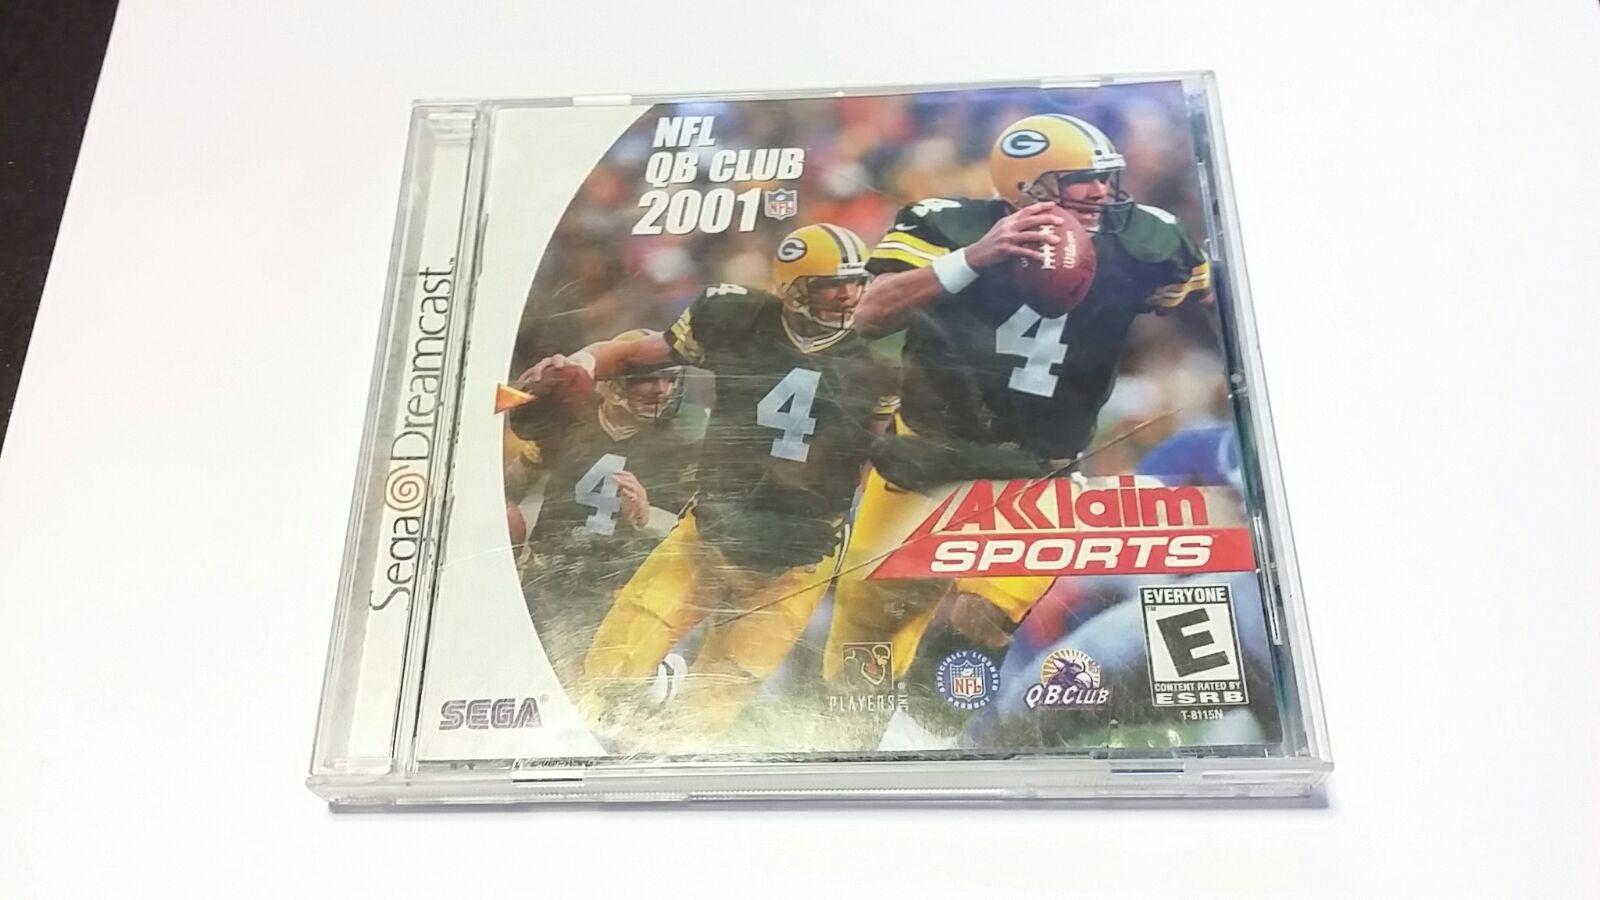 NFL QB CLUB 2001 Sega Dreamcast